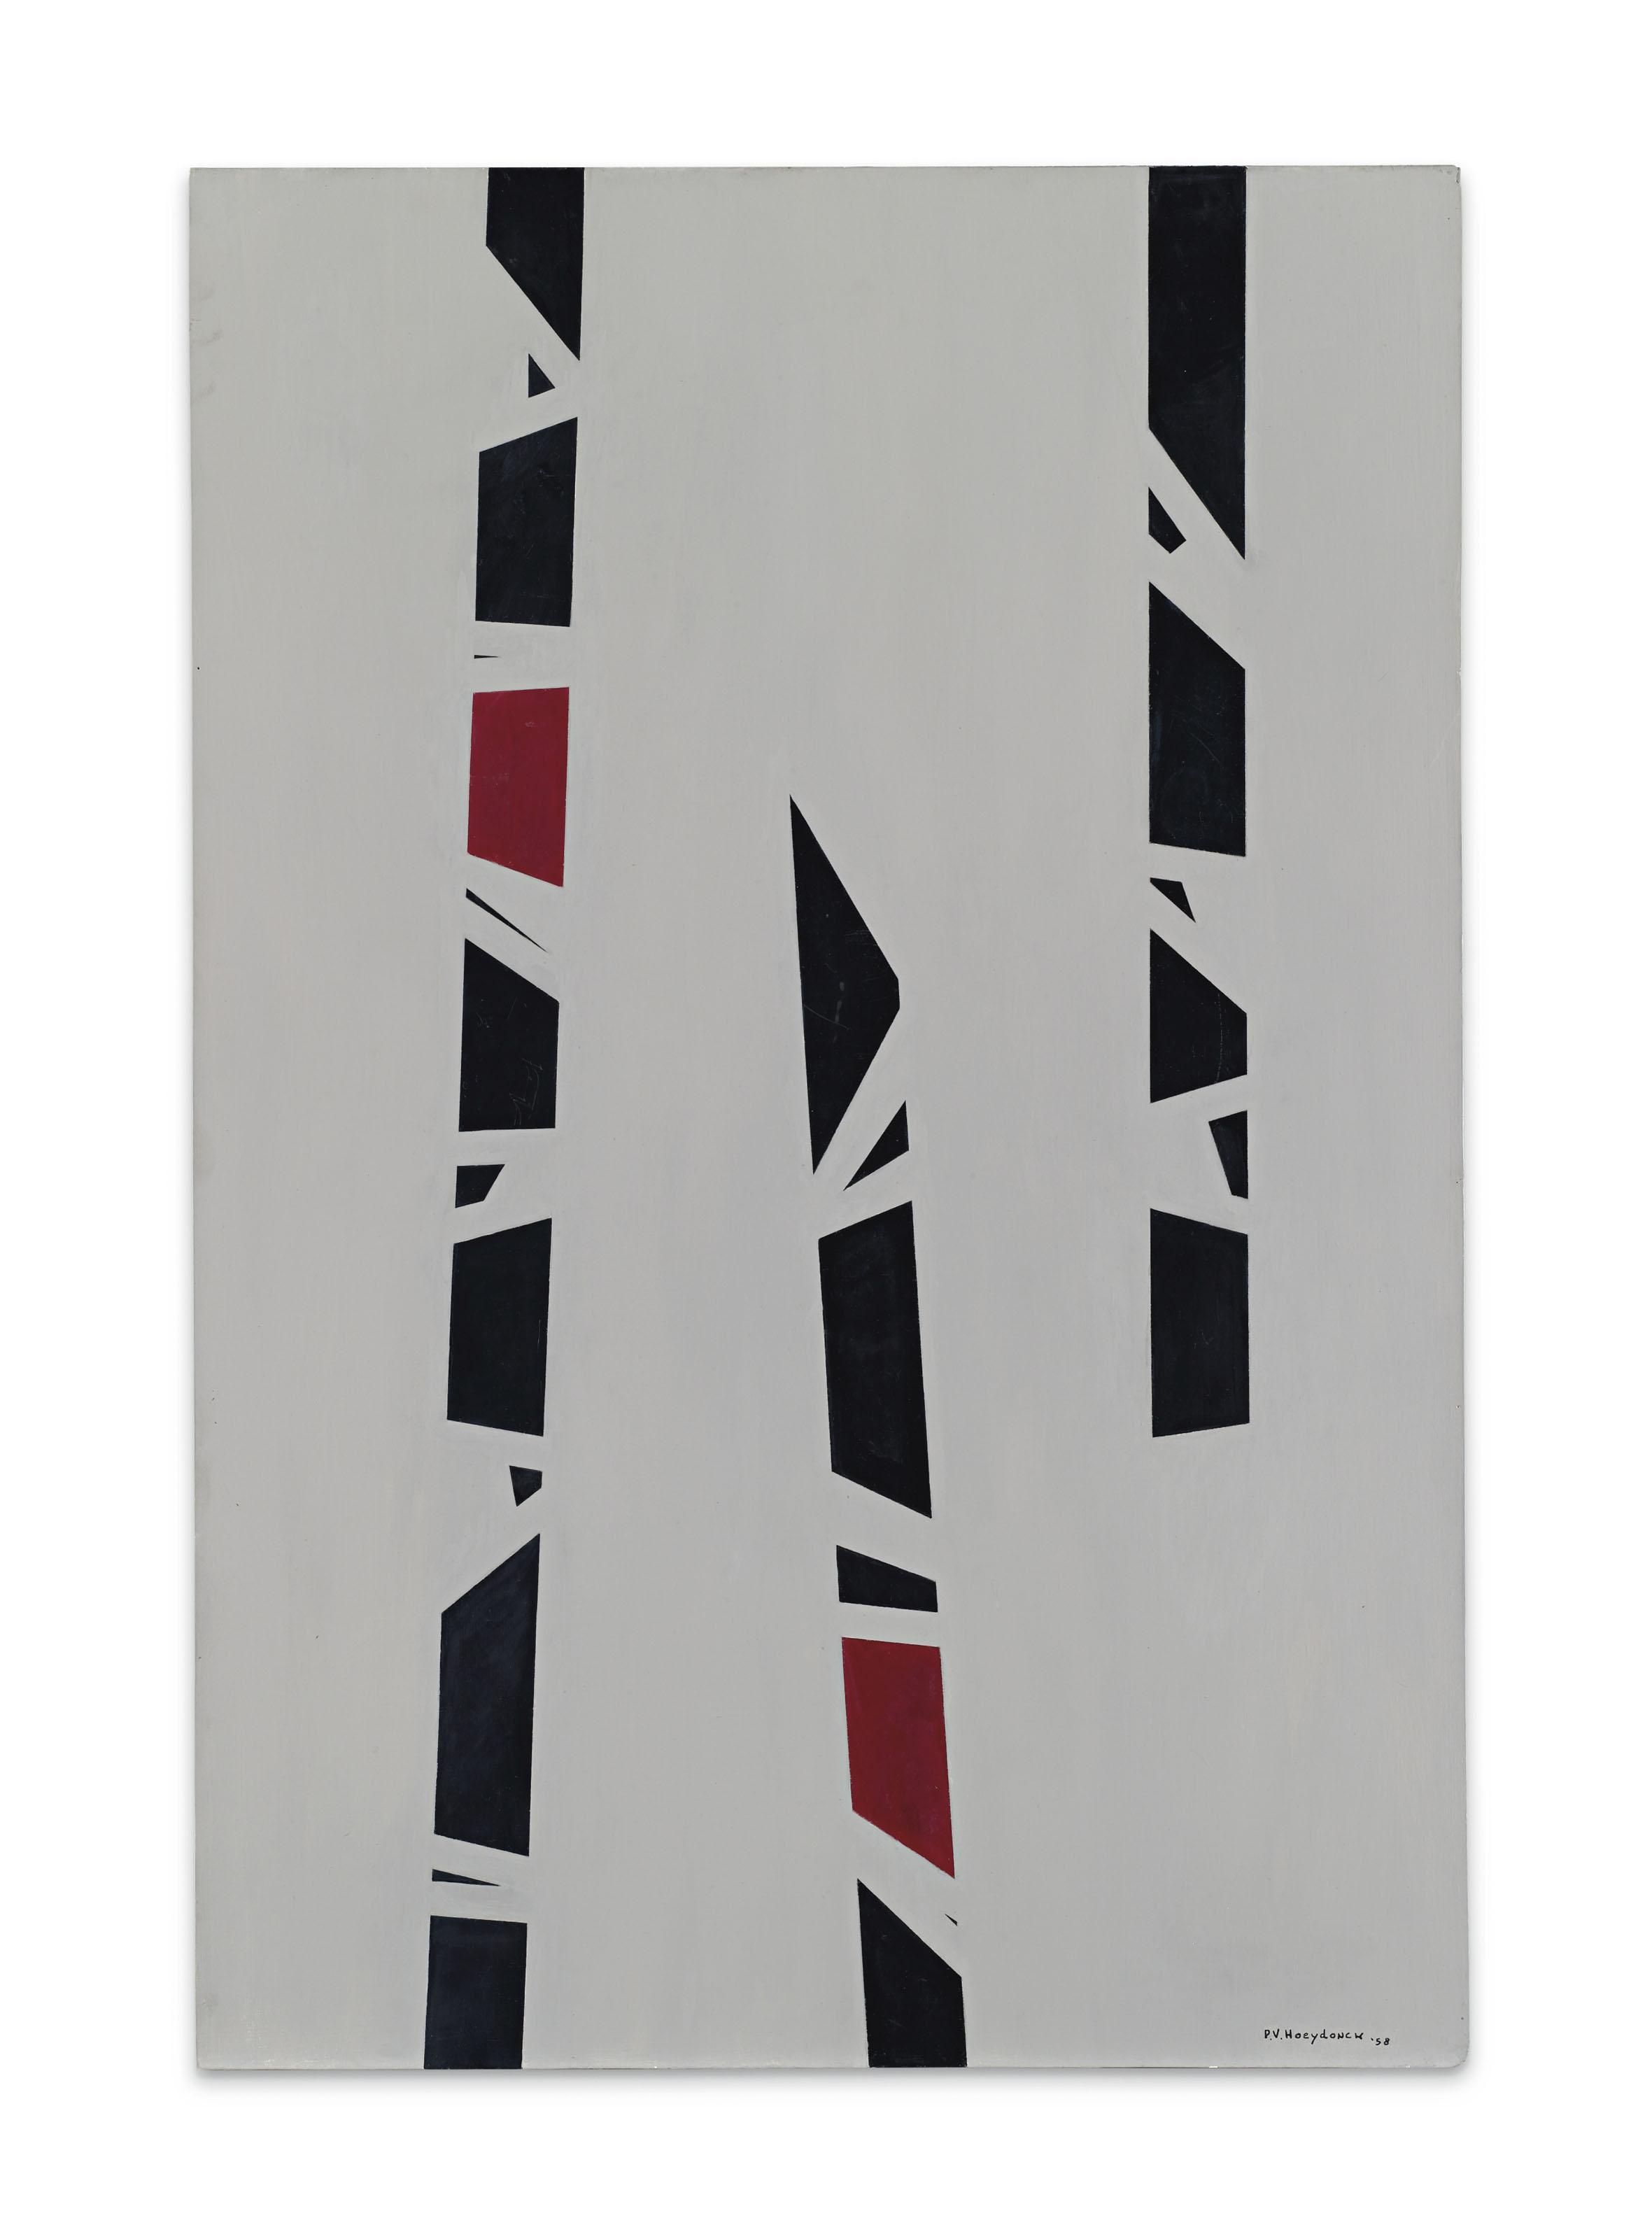 Panneau peint (Painted Panel)